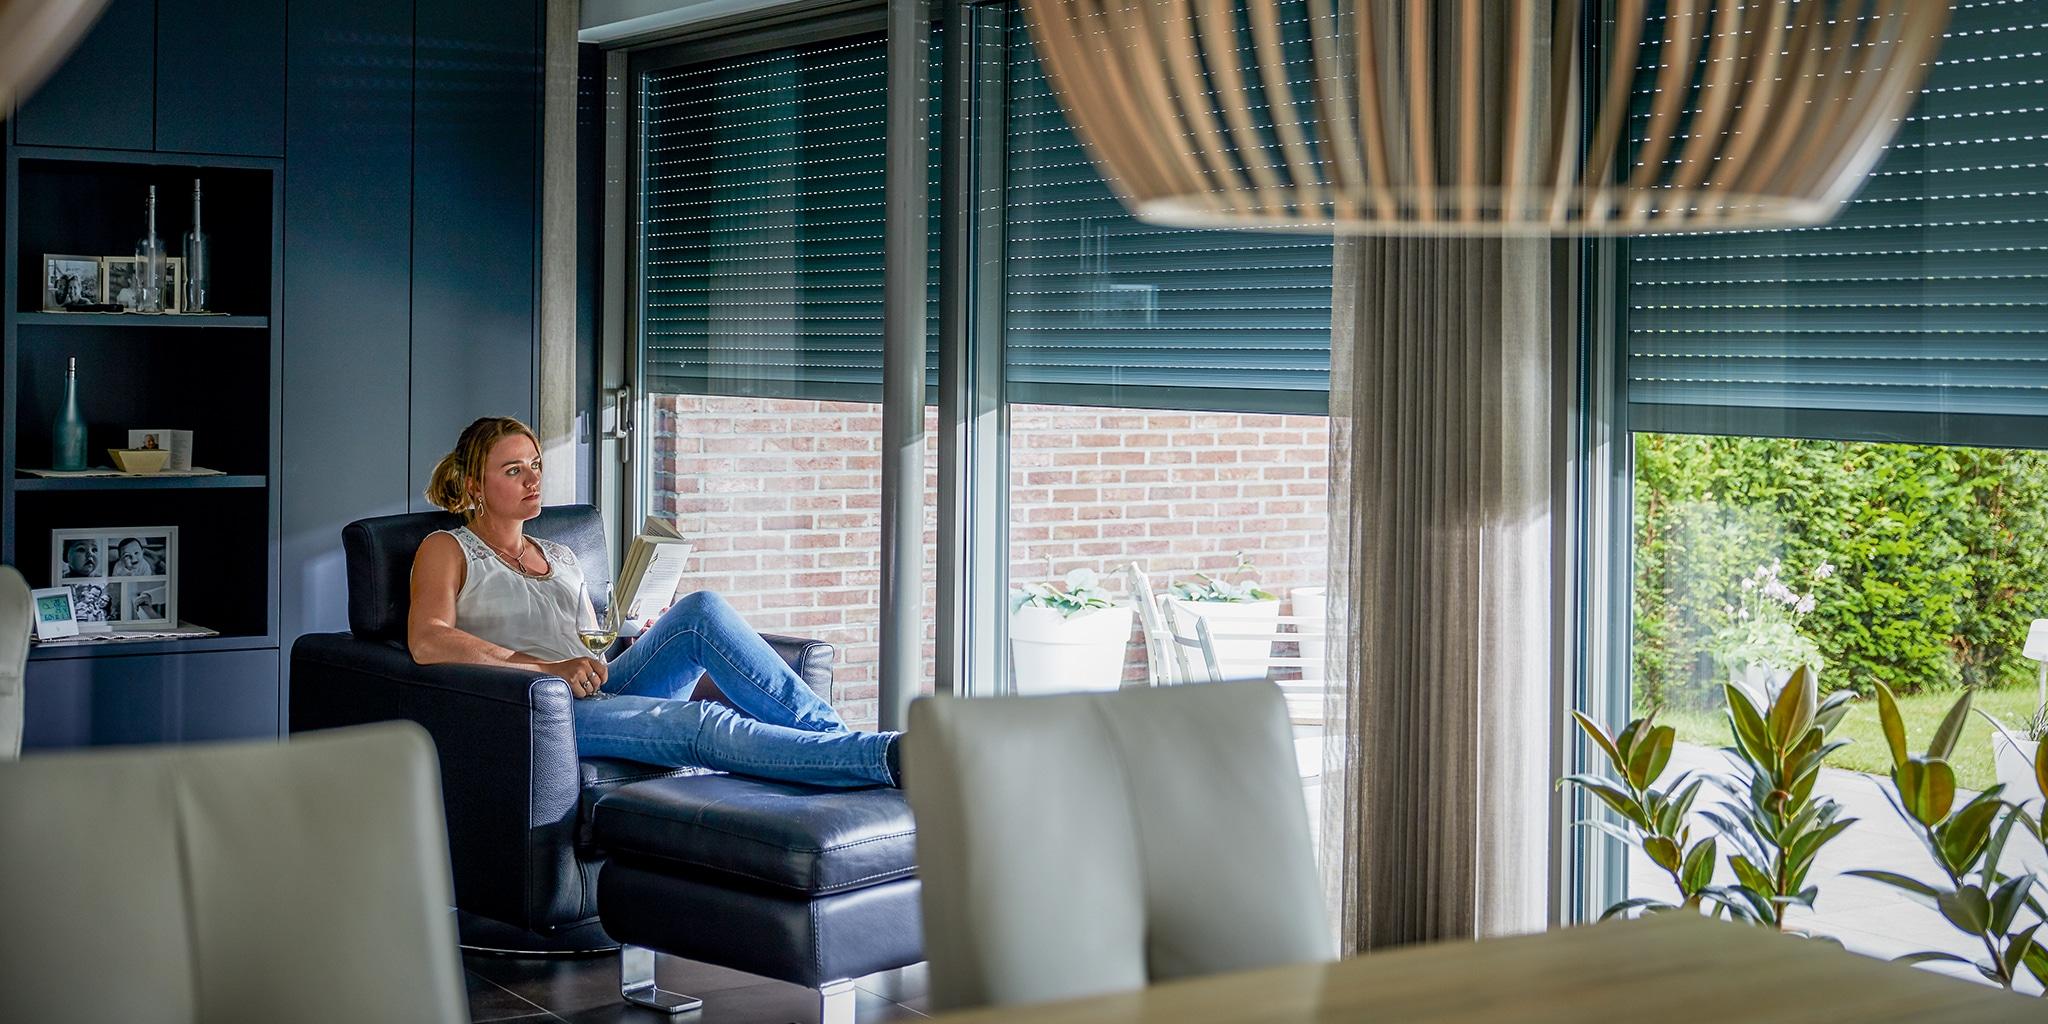 Vrouw zittend te lezen met een boek in haar handen